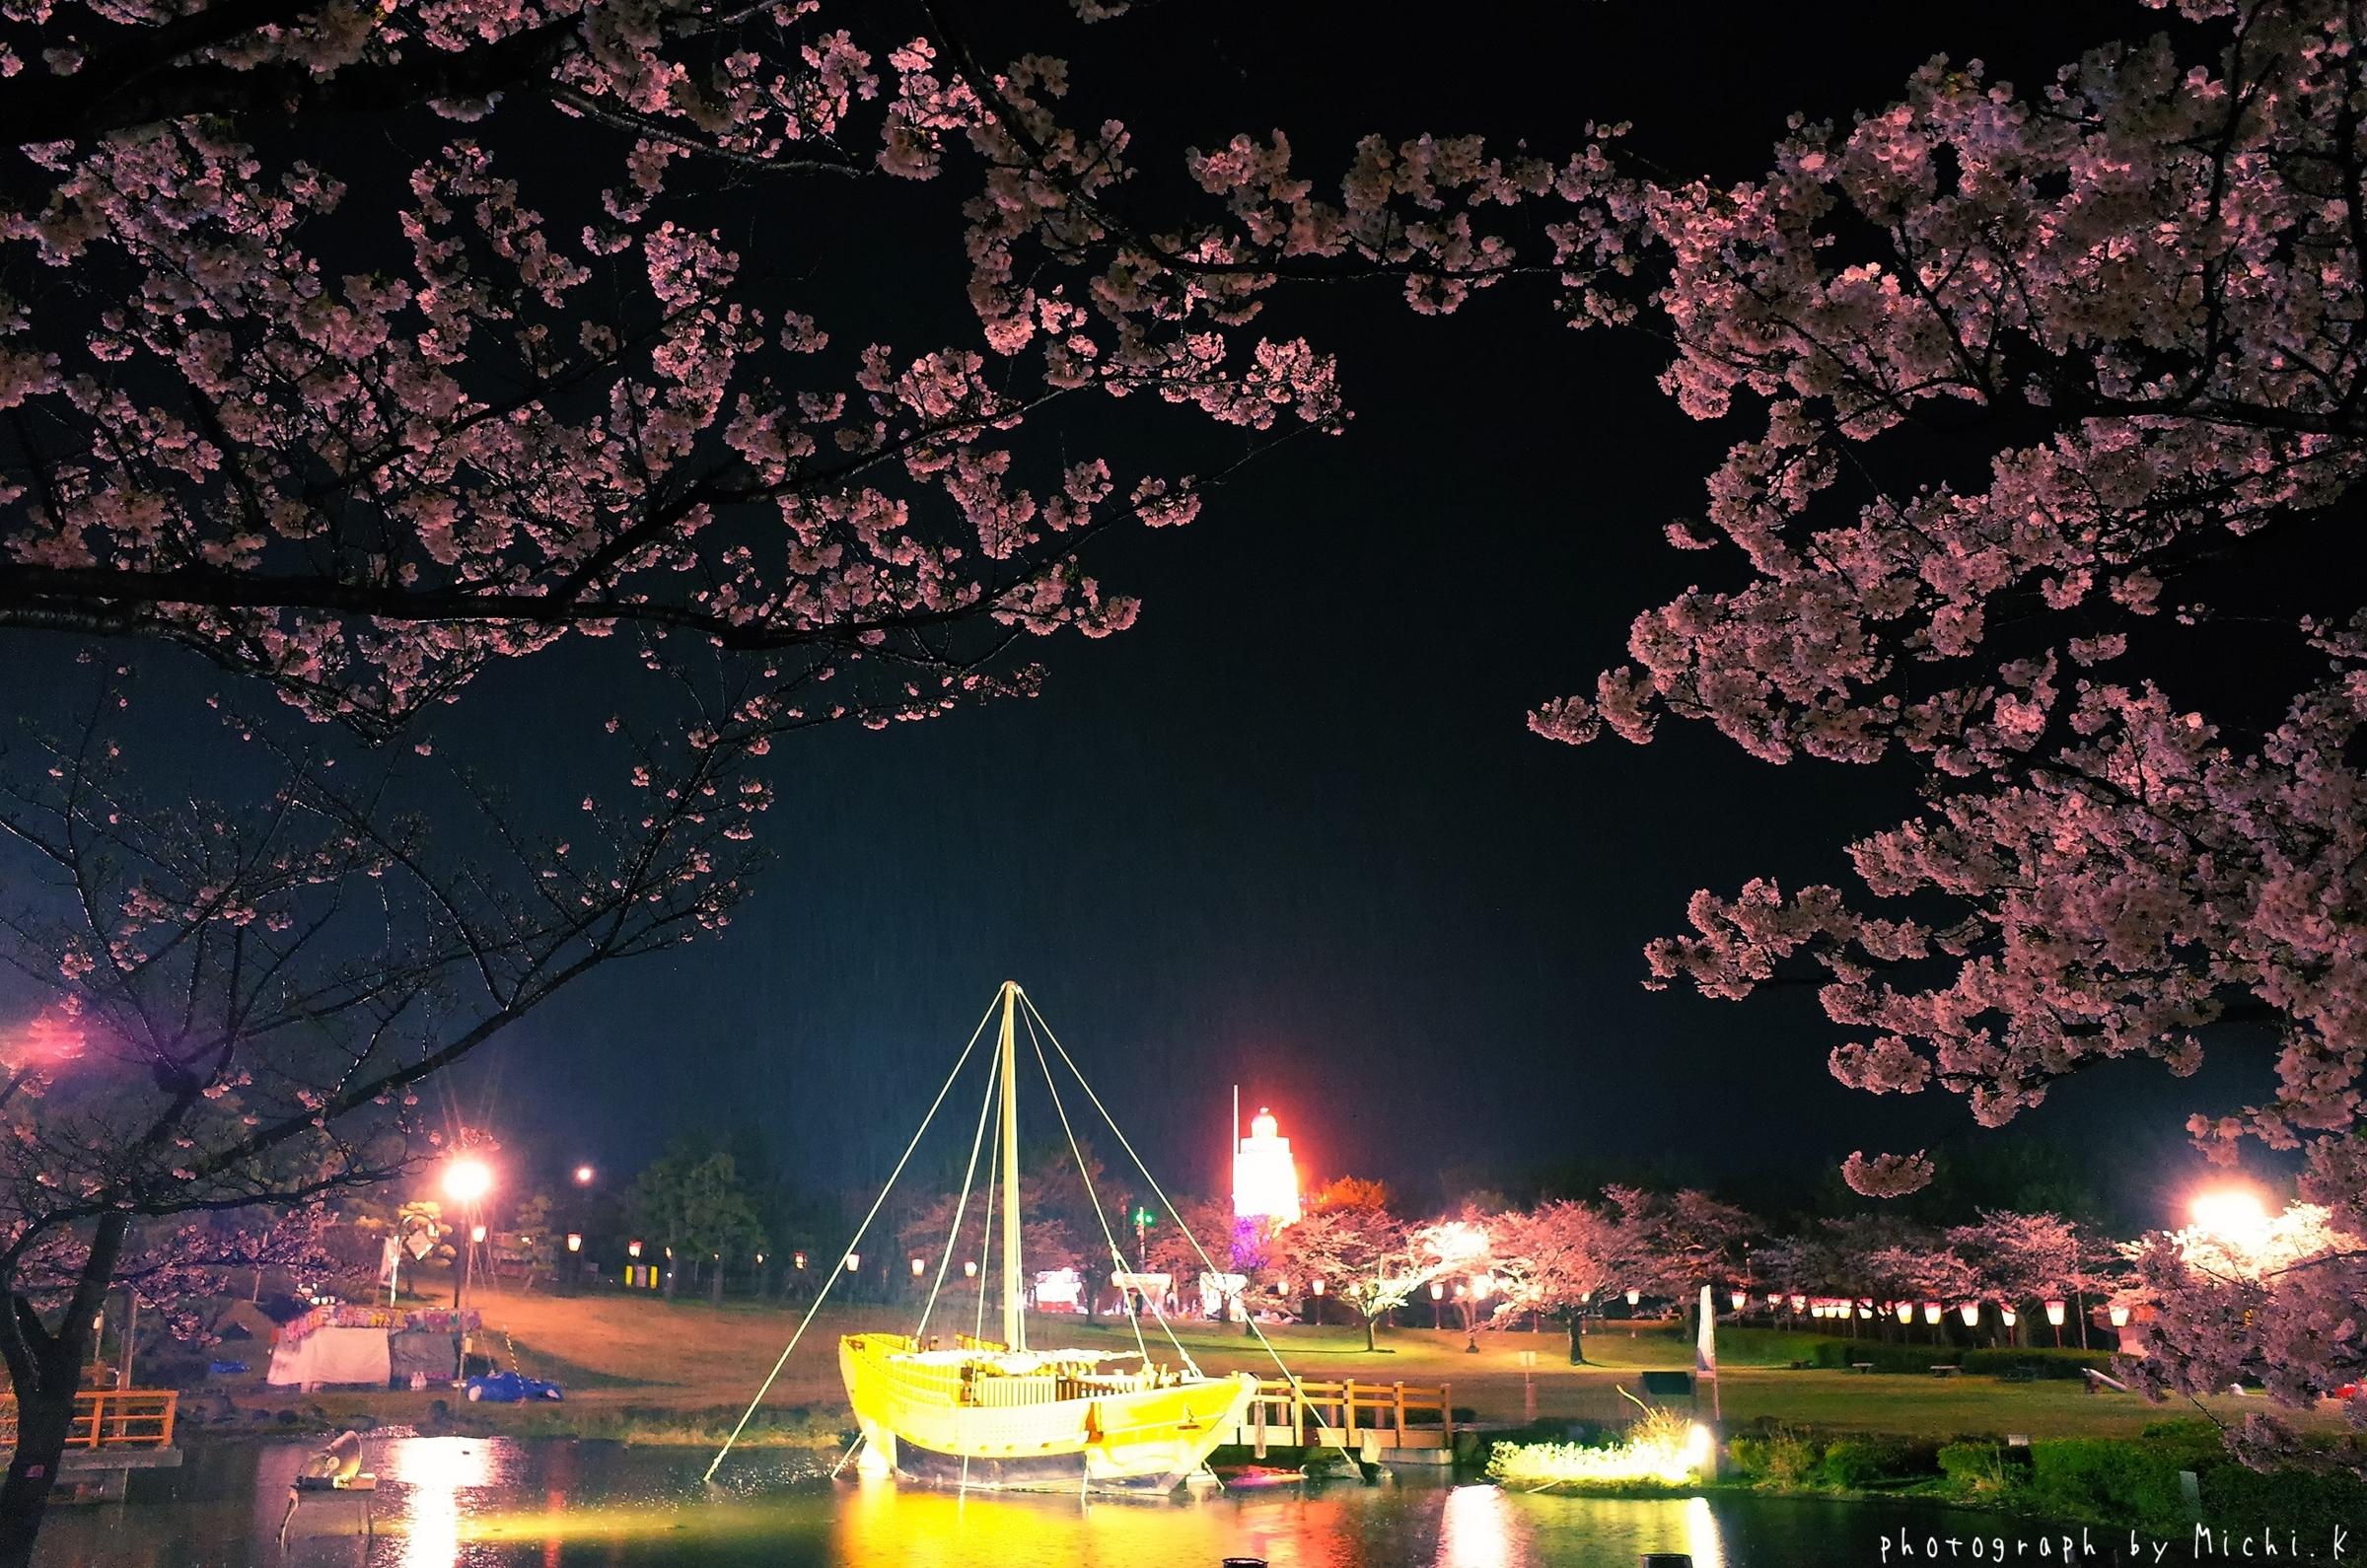 酒田市、夜桜の日和山公園2018-04-14(その1)